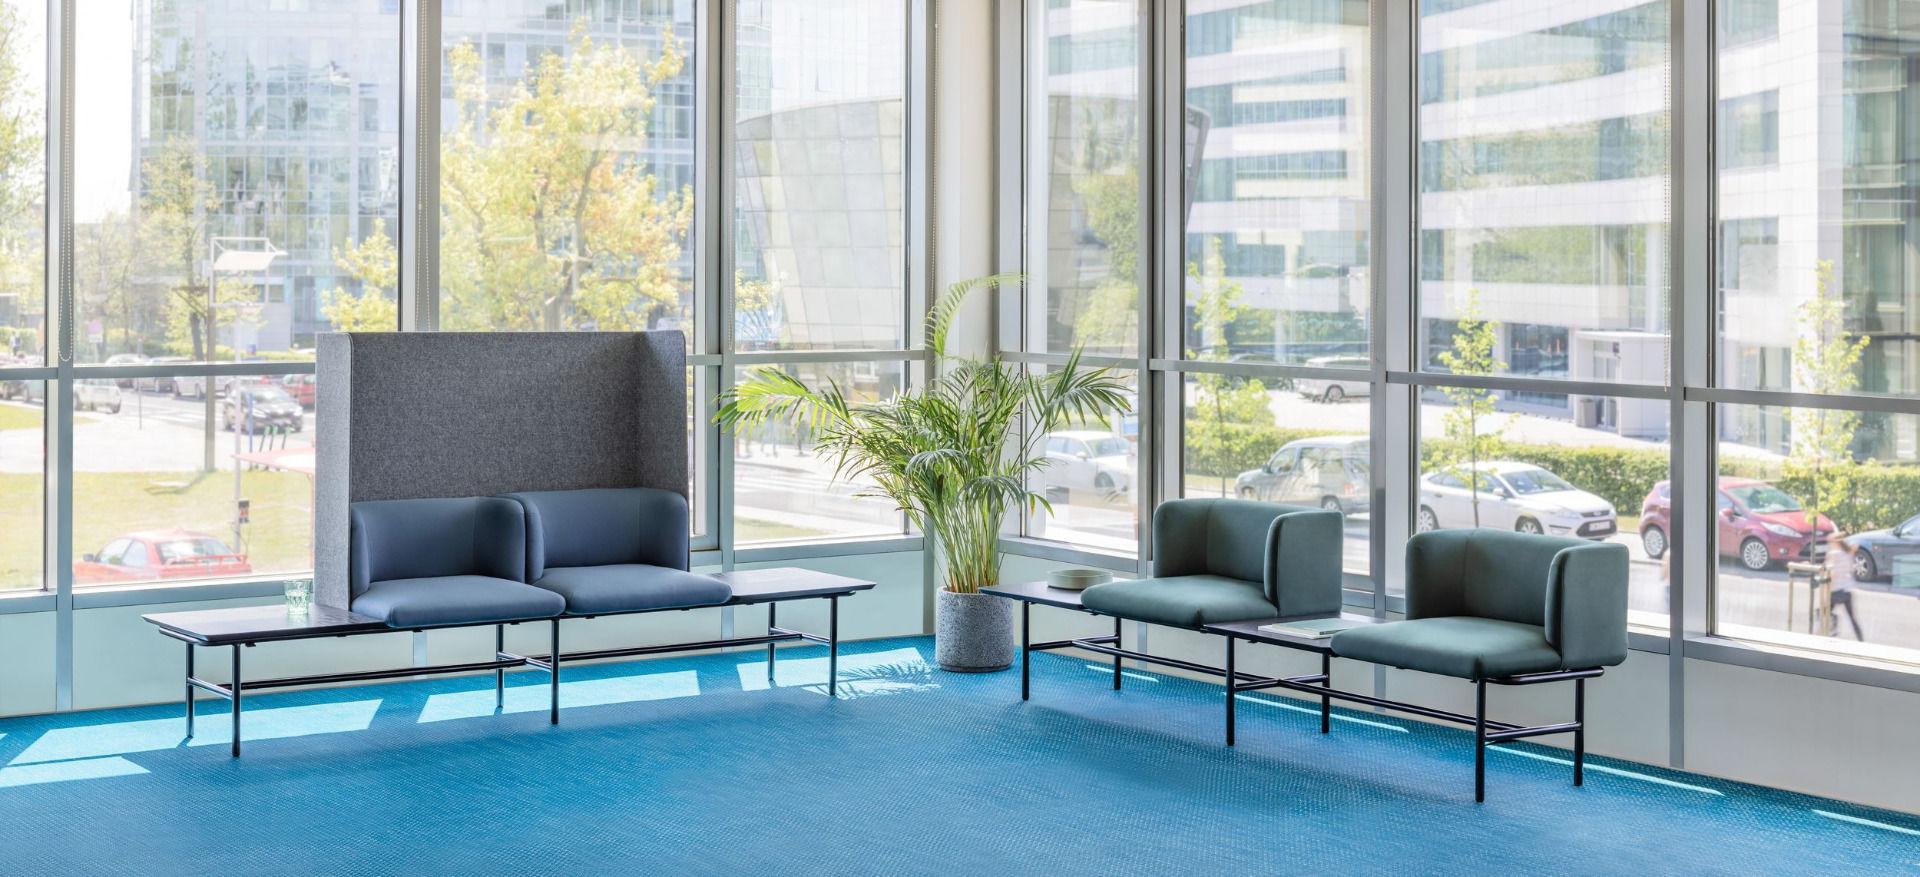 empfangstheken sitzmoebel foyer kanzlei schlicht gruen hellblau sitzbank side